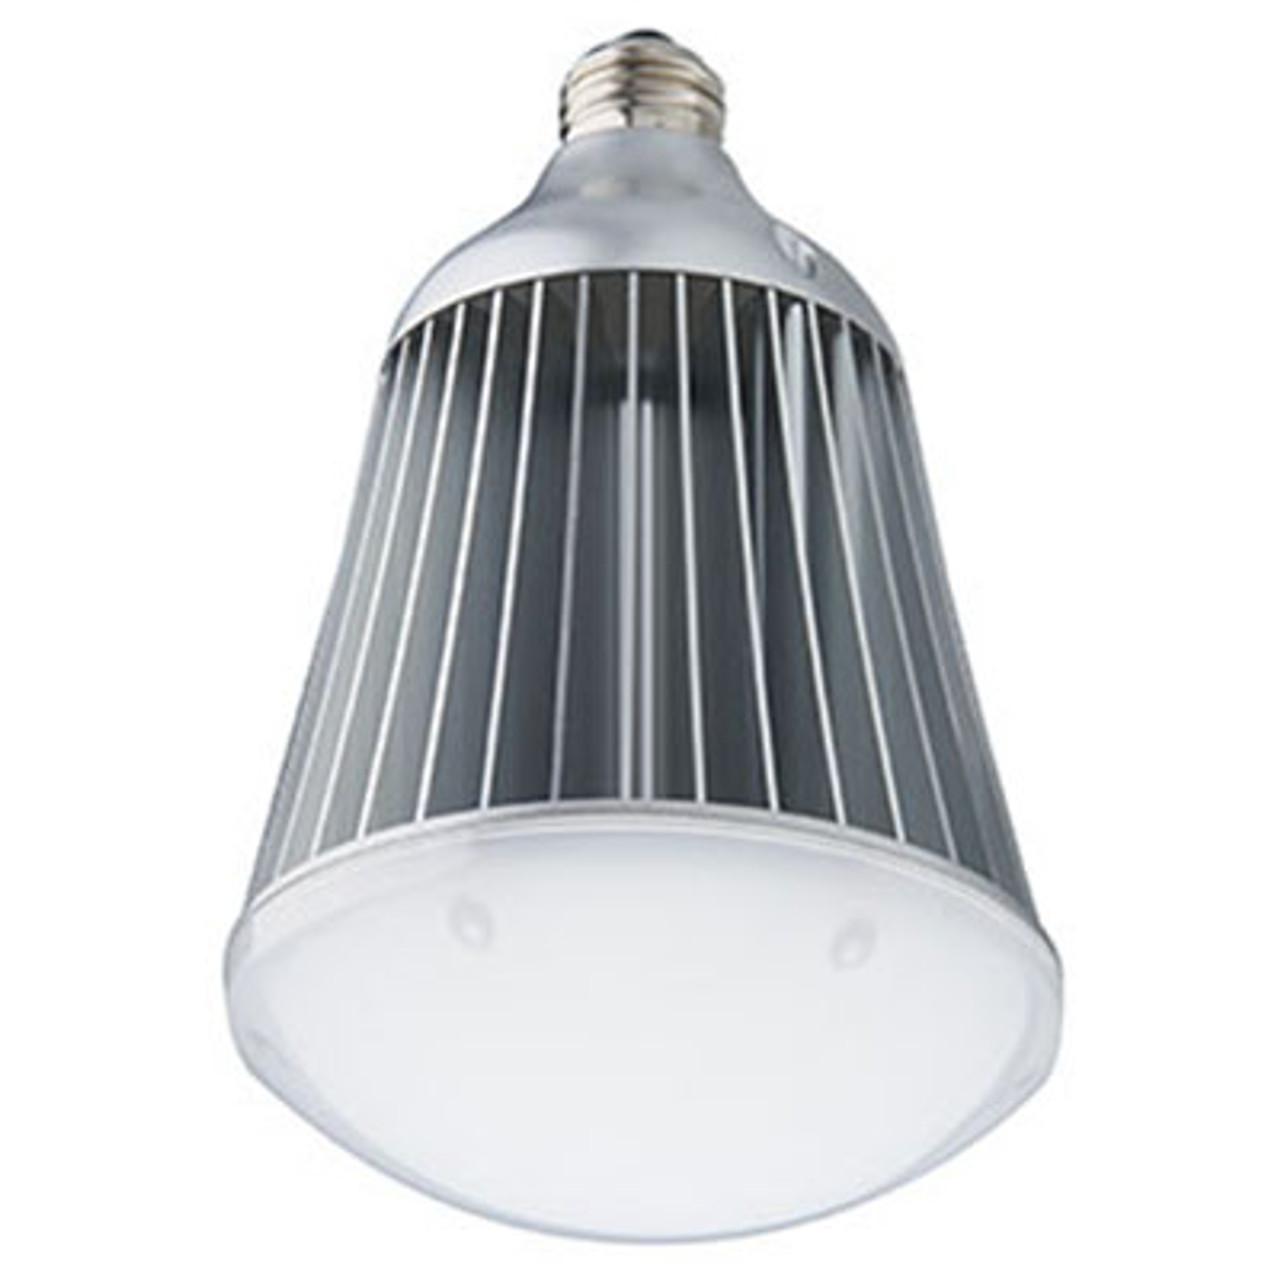 LED-8081E 30W, E26 Base Recessed Can or Pendant LED Retrofit